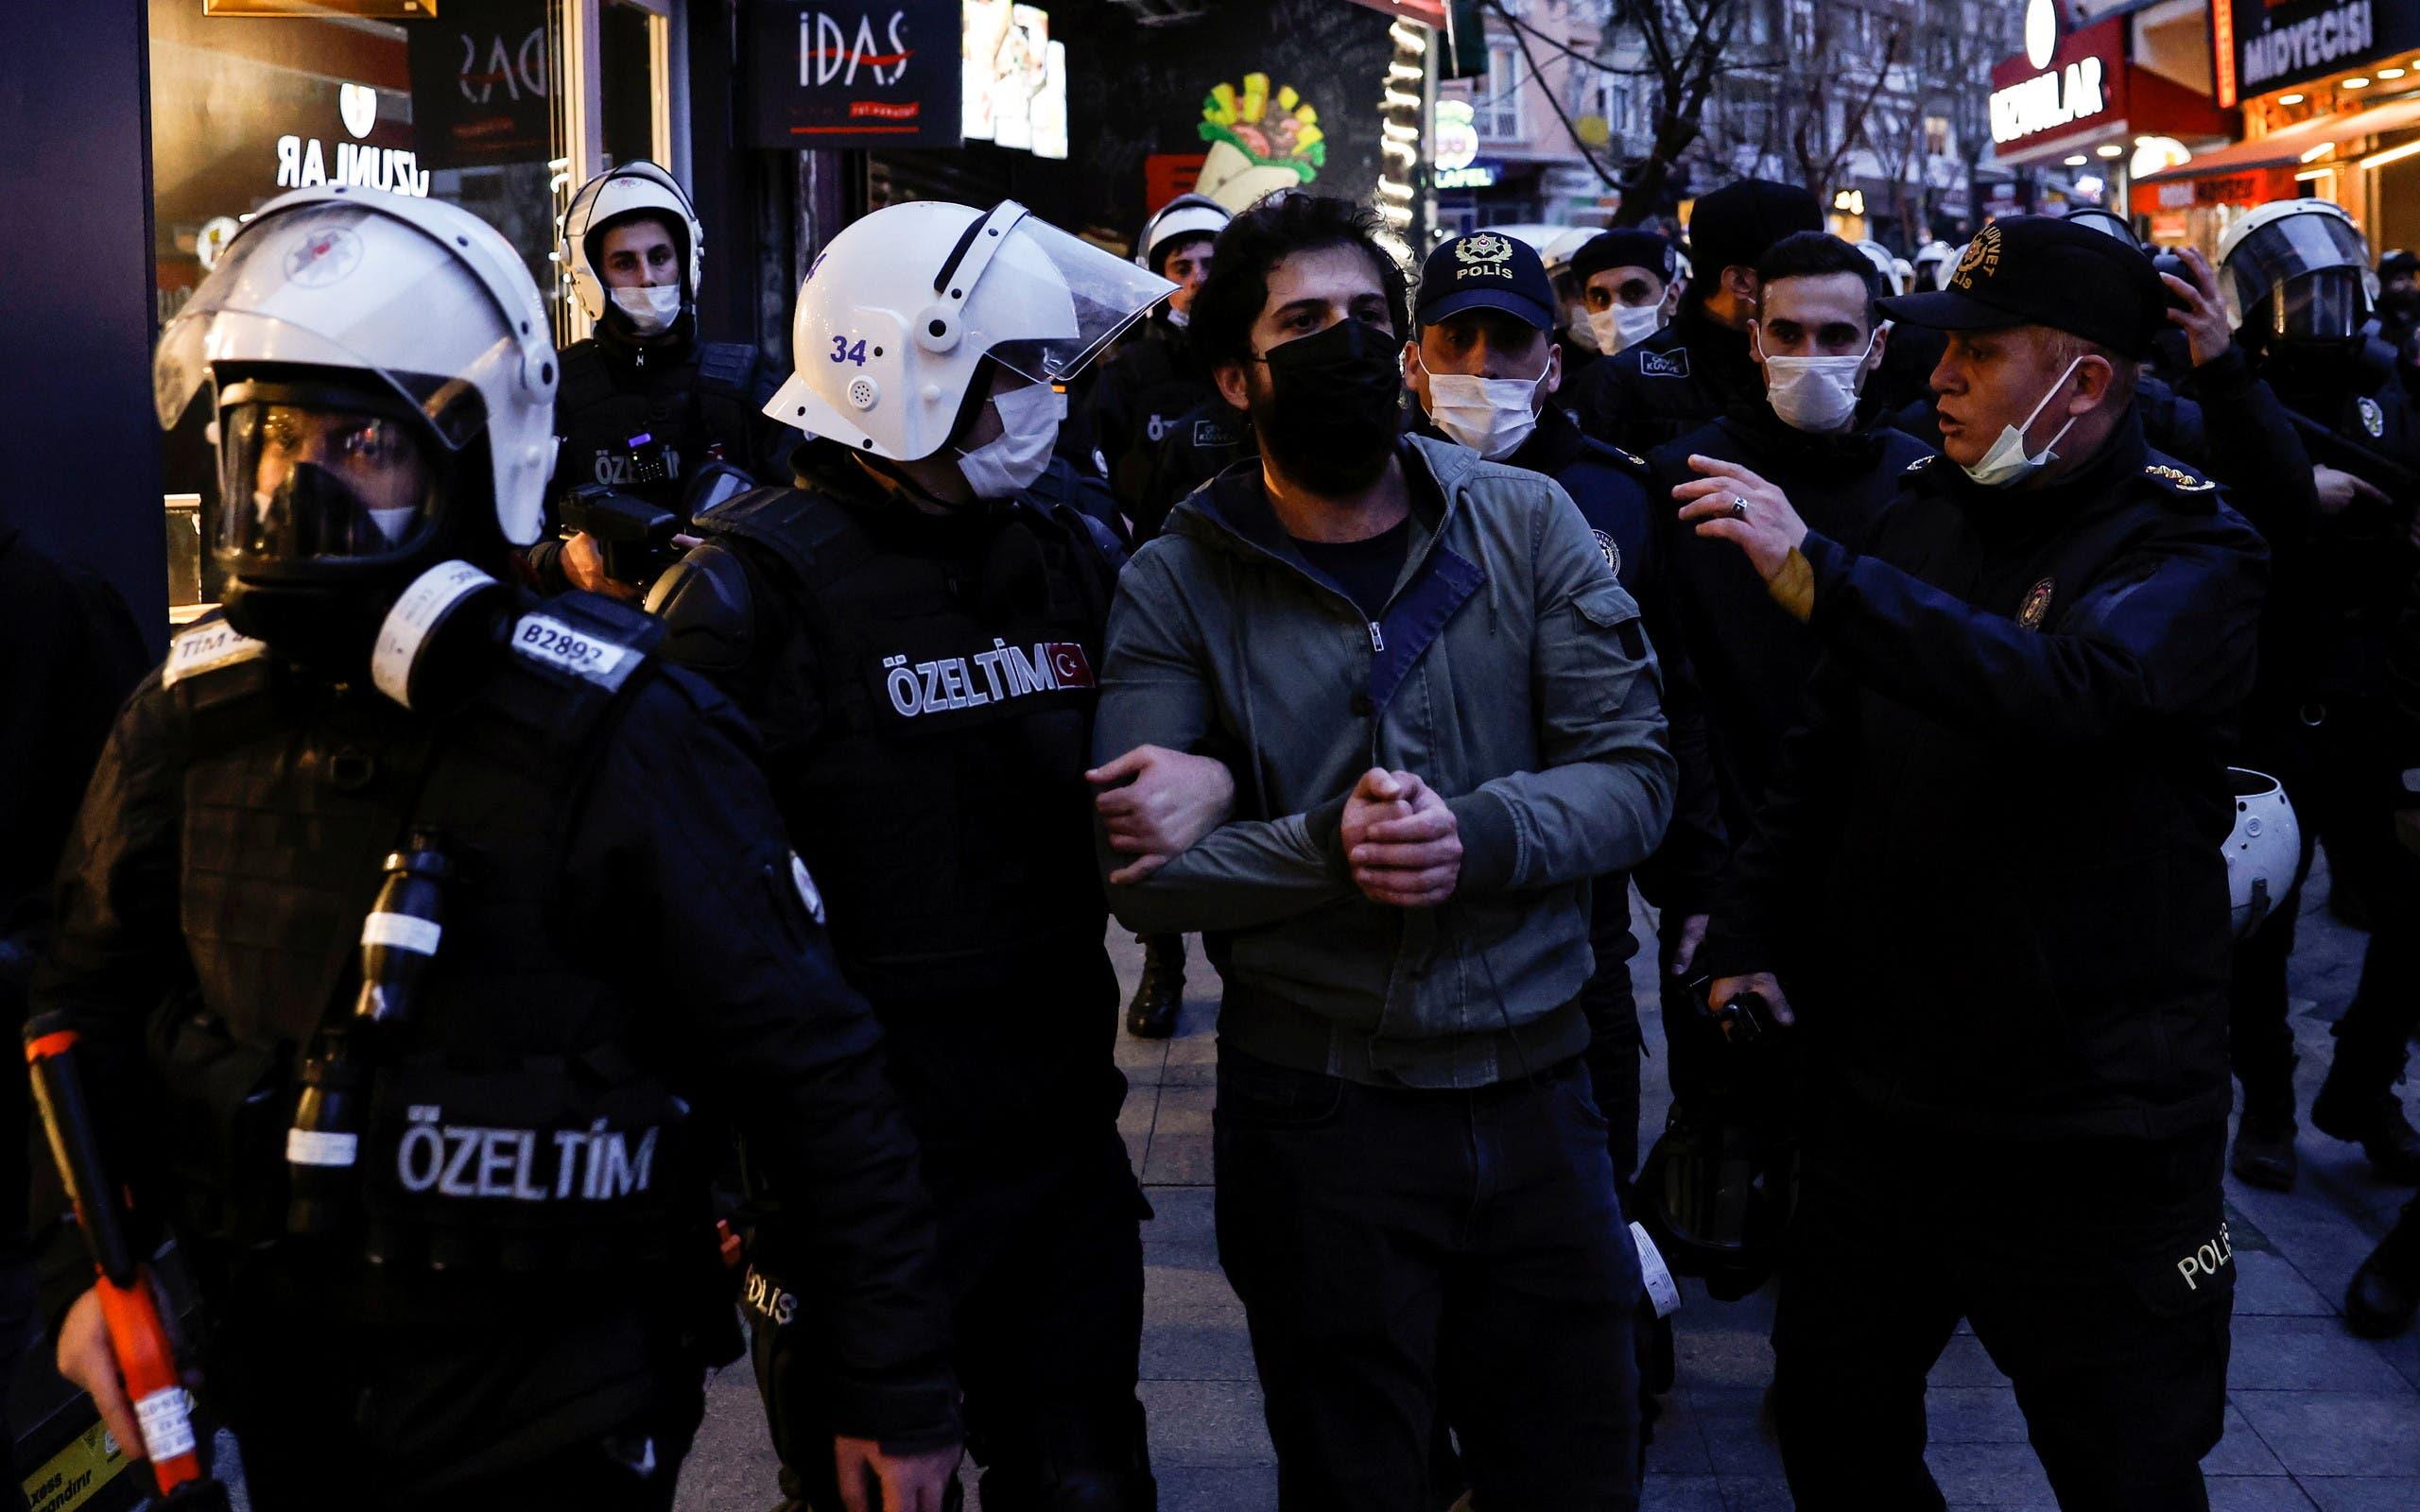 أفراد من شرطة مكافحة الشغب يلقون القبض على شخص خلال احتجاجات جامعة بوغازيتشي في إسطنبول يوم 2 فبراير